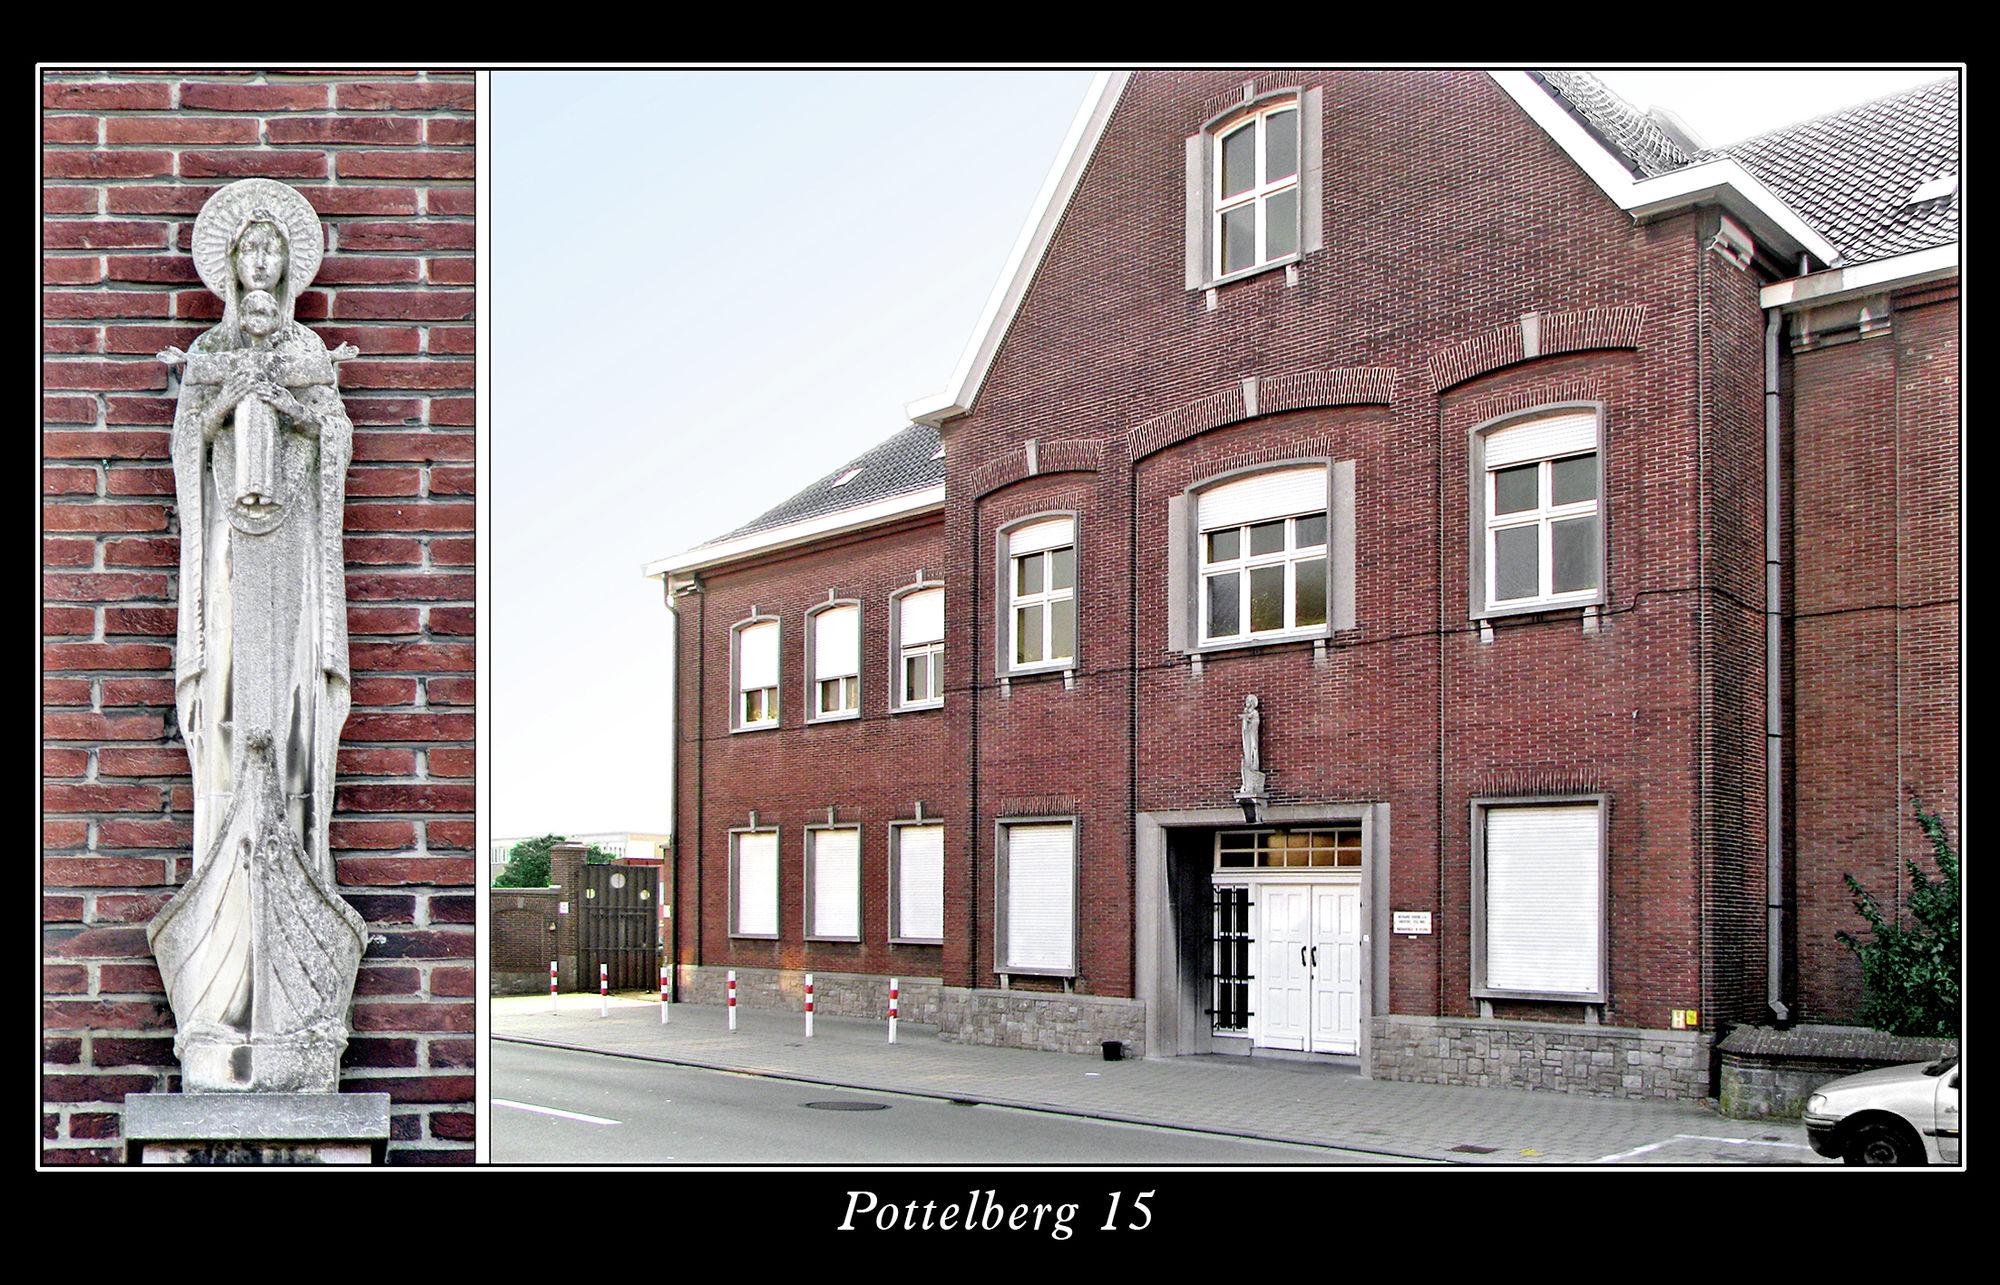 Muurkapel Pottelberg